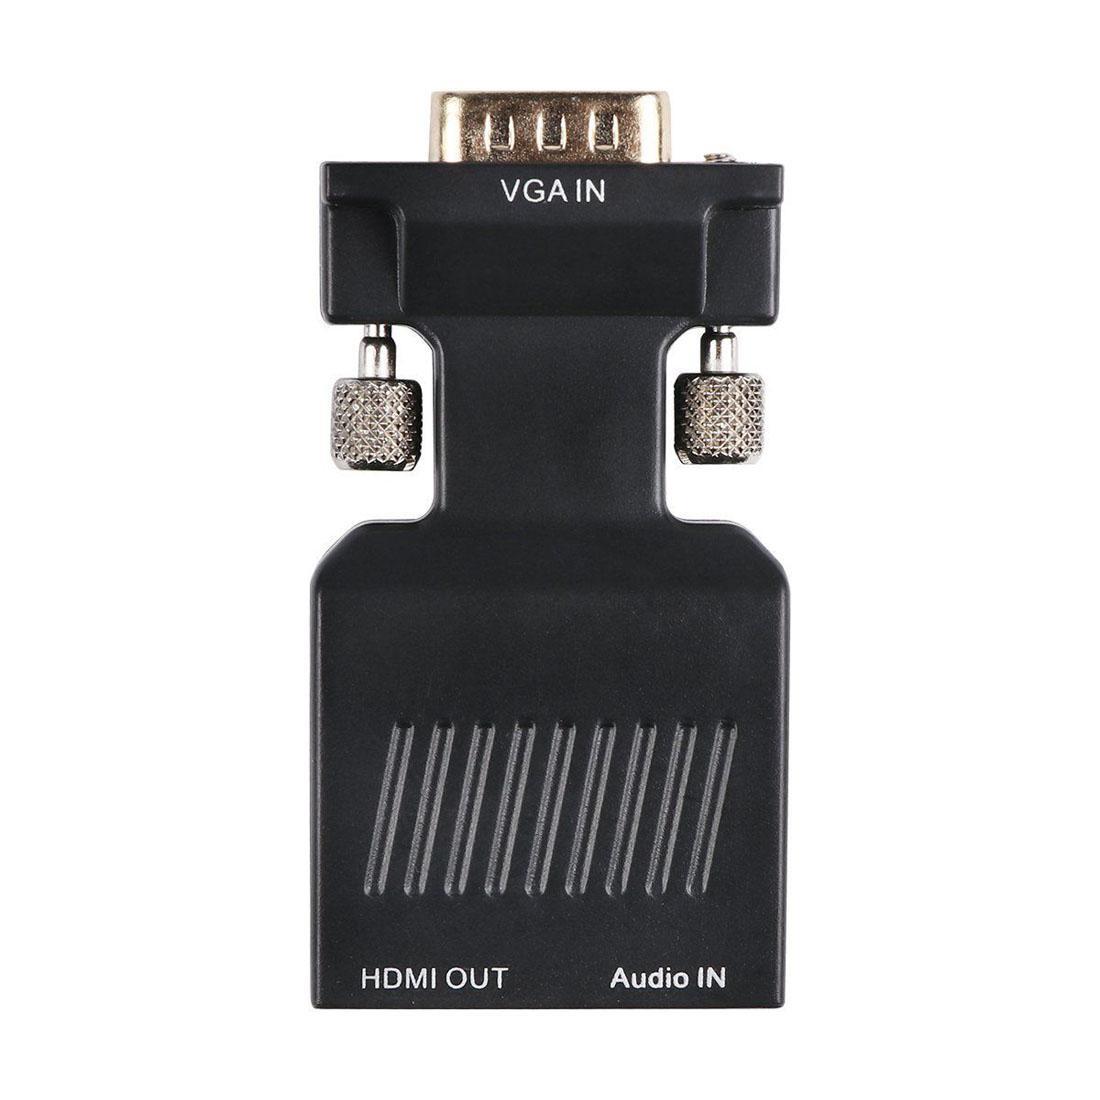 HD VGA al convertitore di HDMI HDTV 1080p AV Video Audio cavo adattatore PC STB fino DVD con USB Power DC / 3.5mm Jack Cavo audio